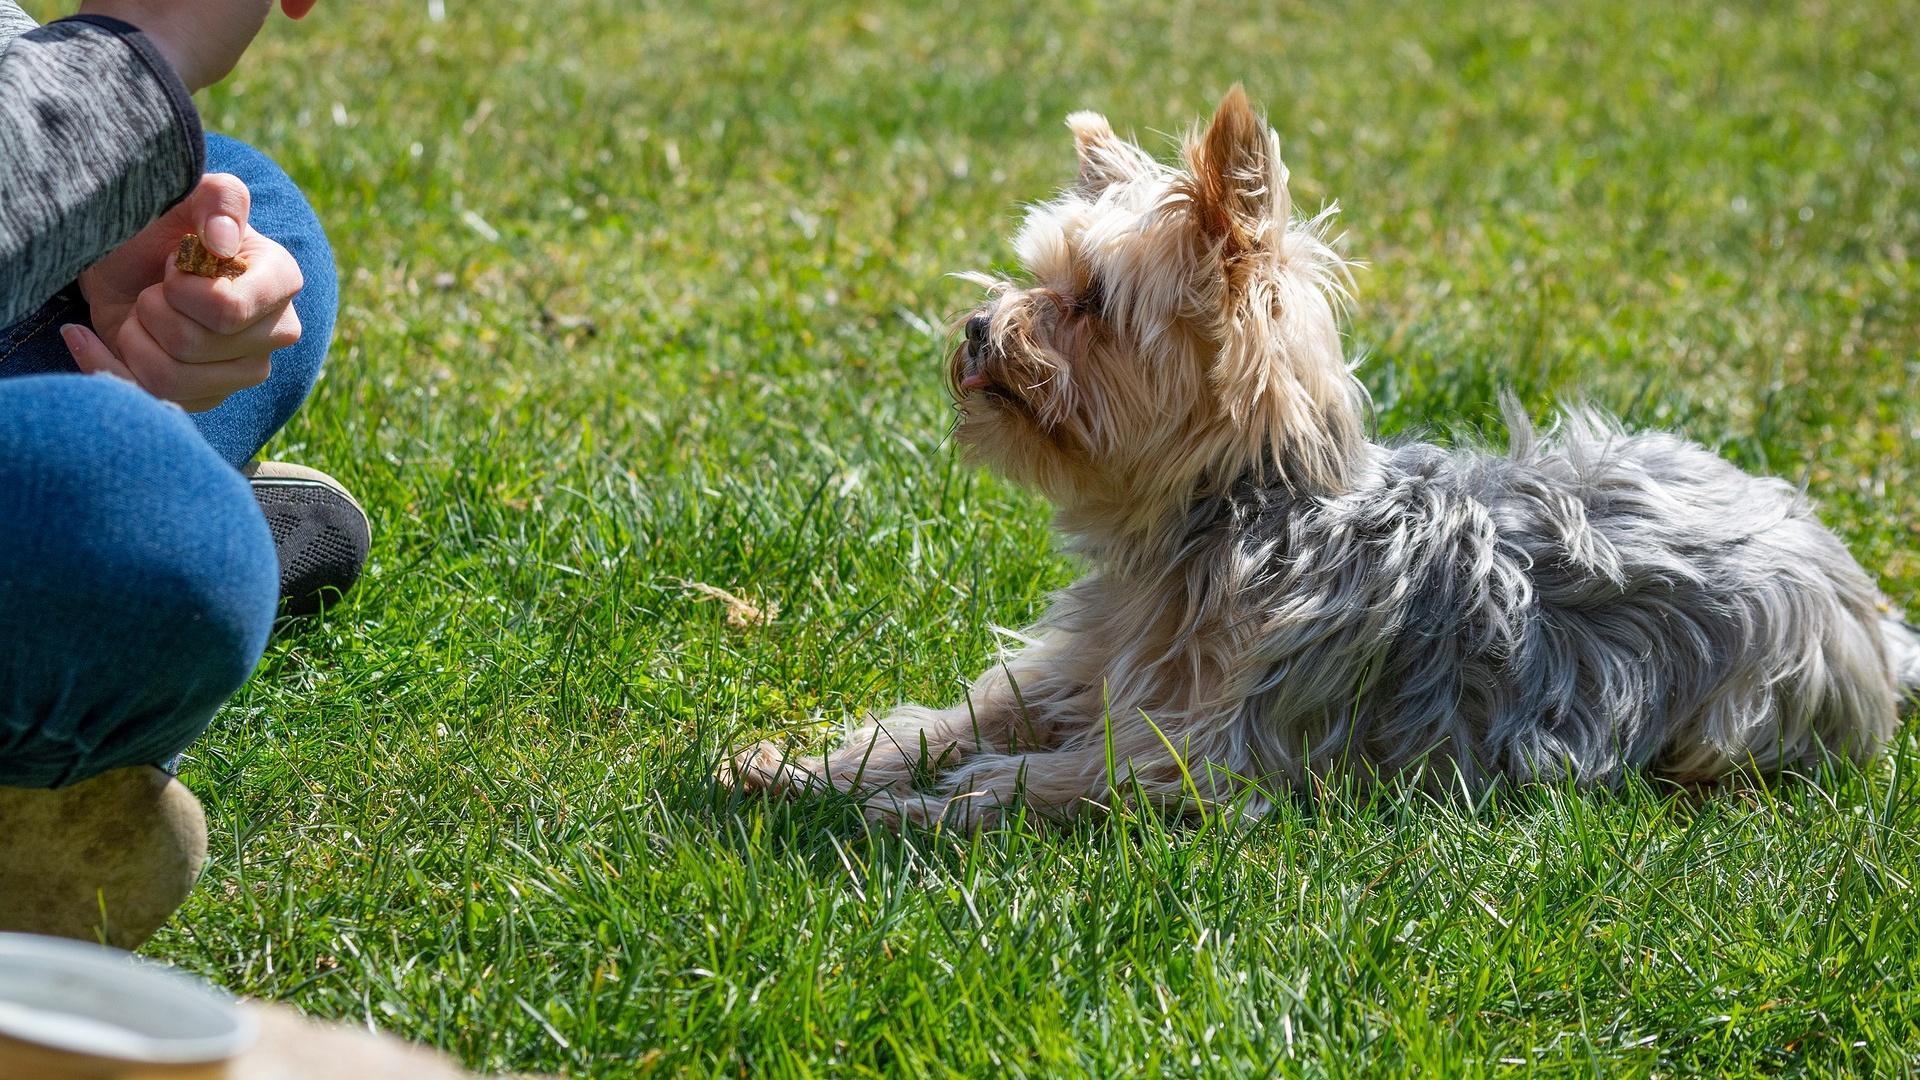 Durch die Impulskontrolle lernt der Hund, seine Reize zu kontrollieren.